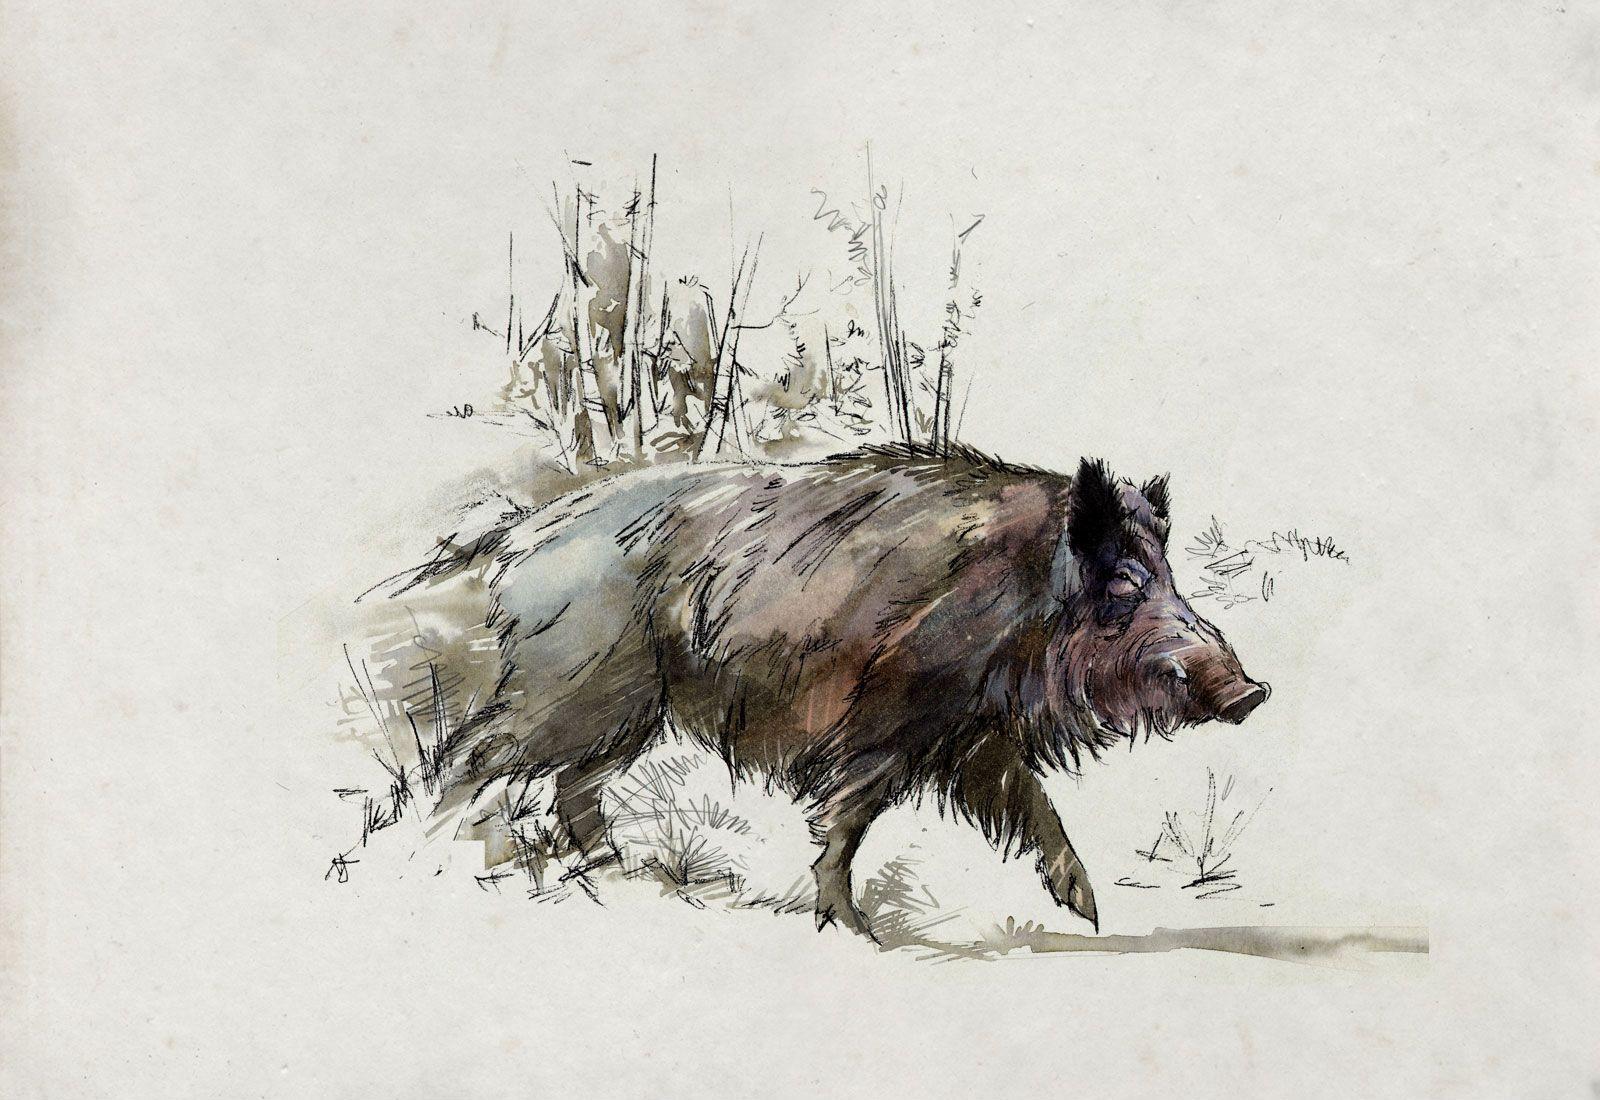 wild boar drawings - Google Search | Porci | Pinterest | Wild boar ...